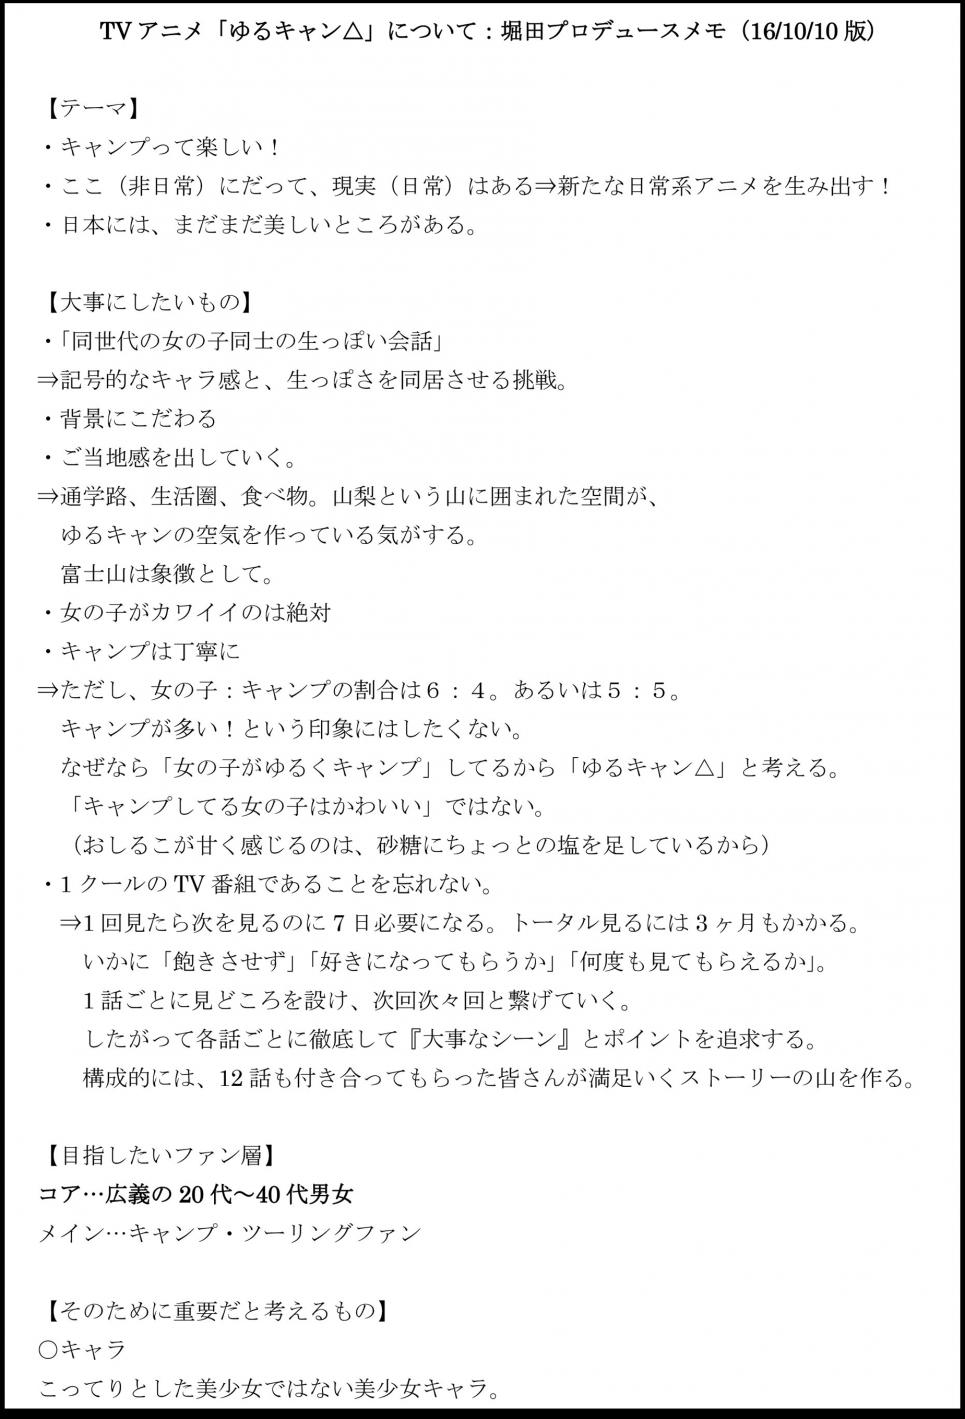 『ゆるキャン△』プロジェクトの始まり・プロデュースメモを初公開! めも1